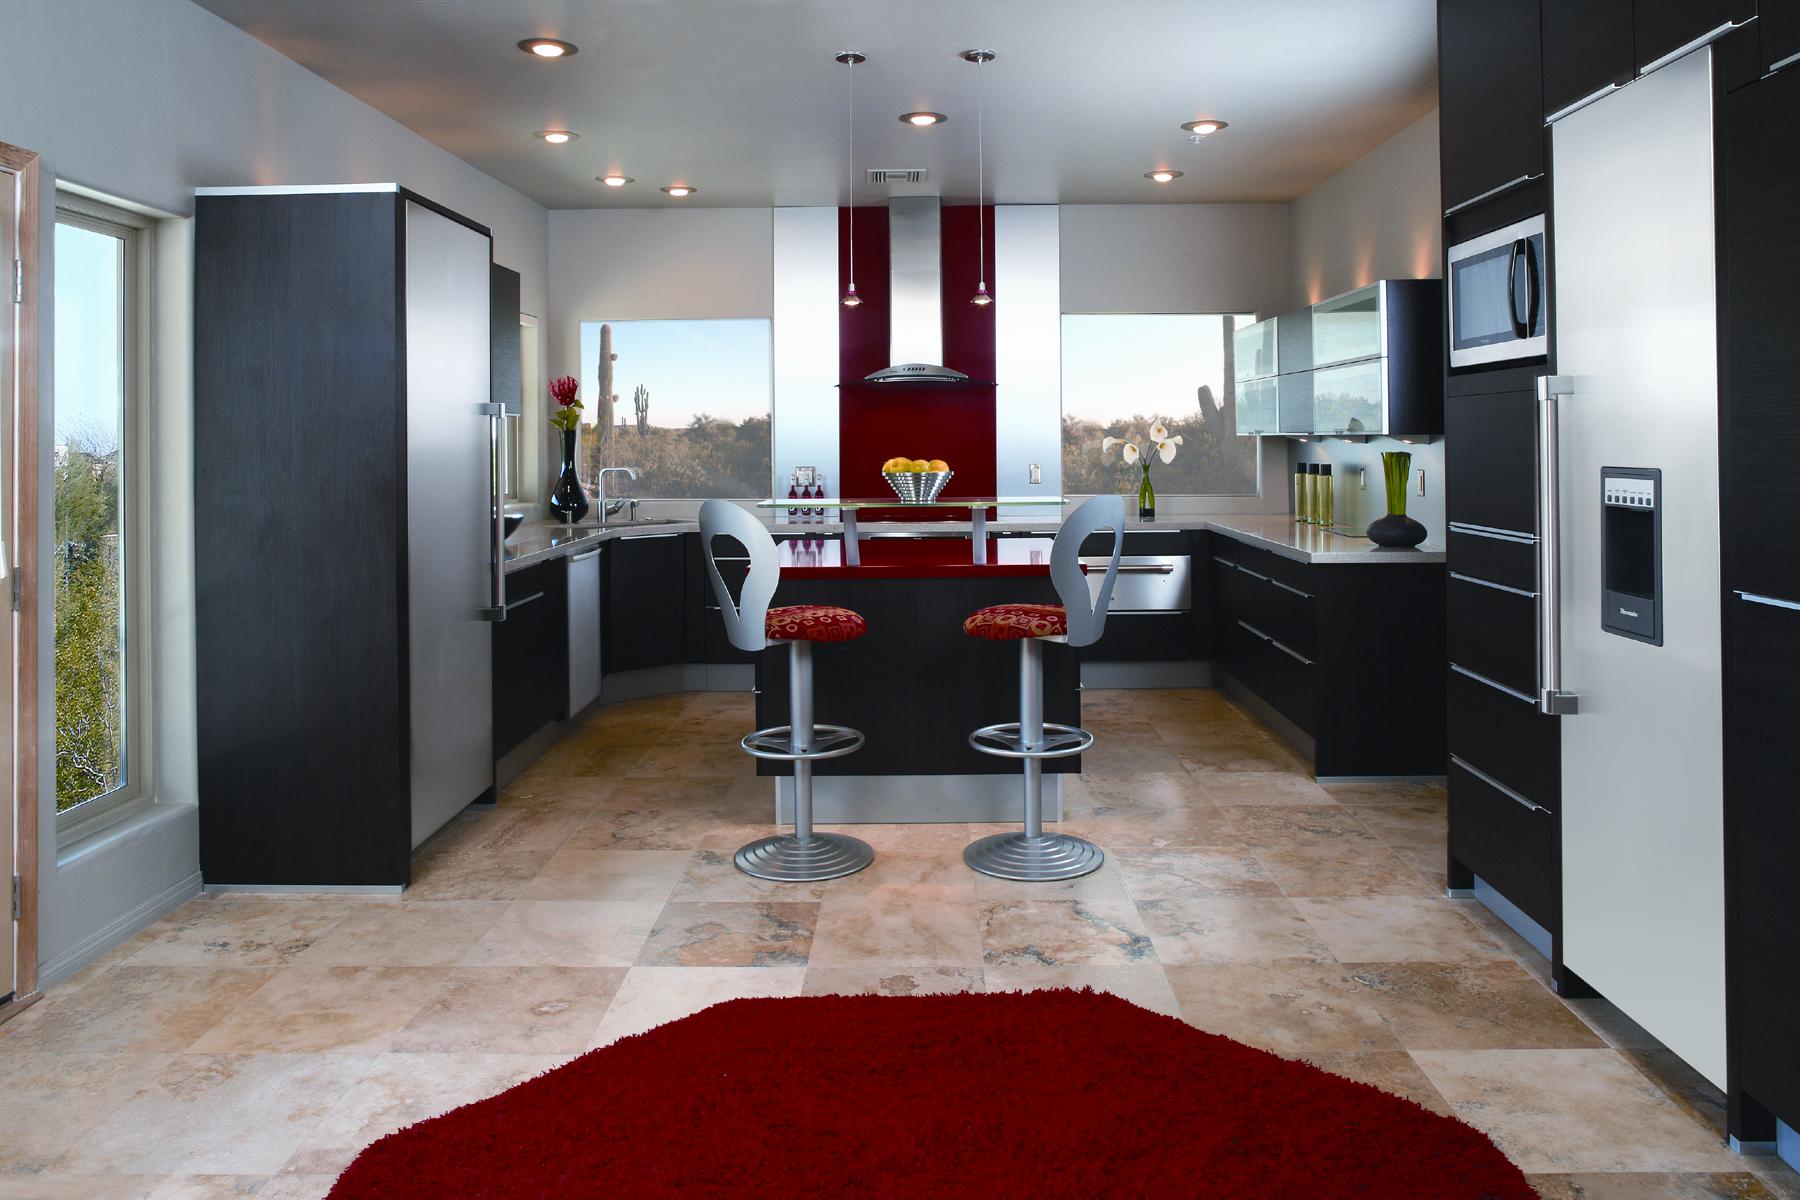 طراحی دکوراسیون آشپزخانه بدون اپن